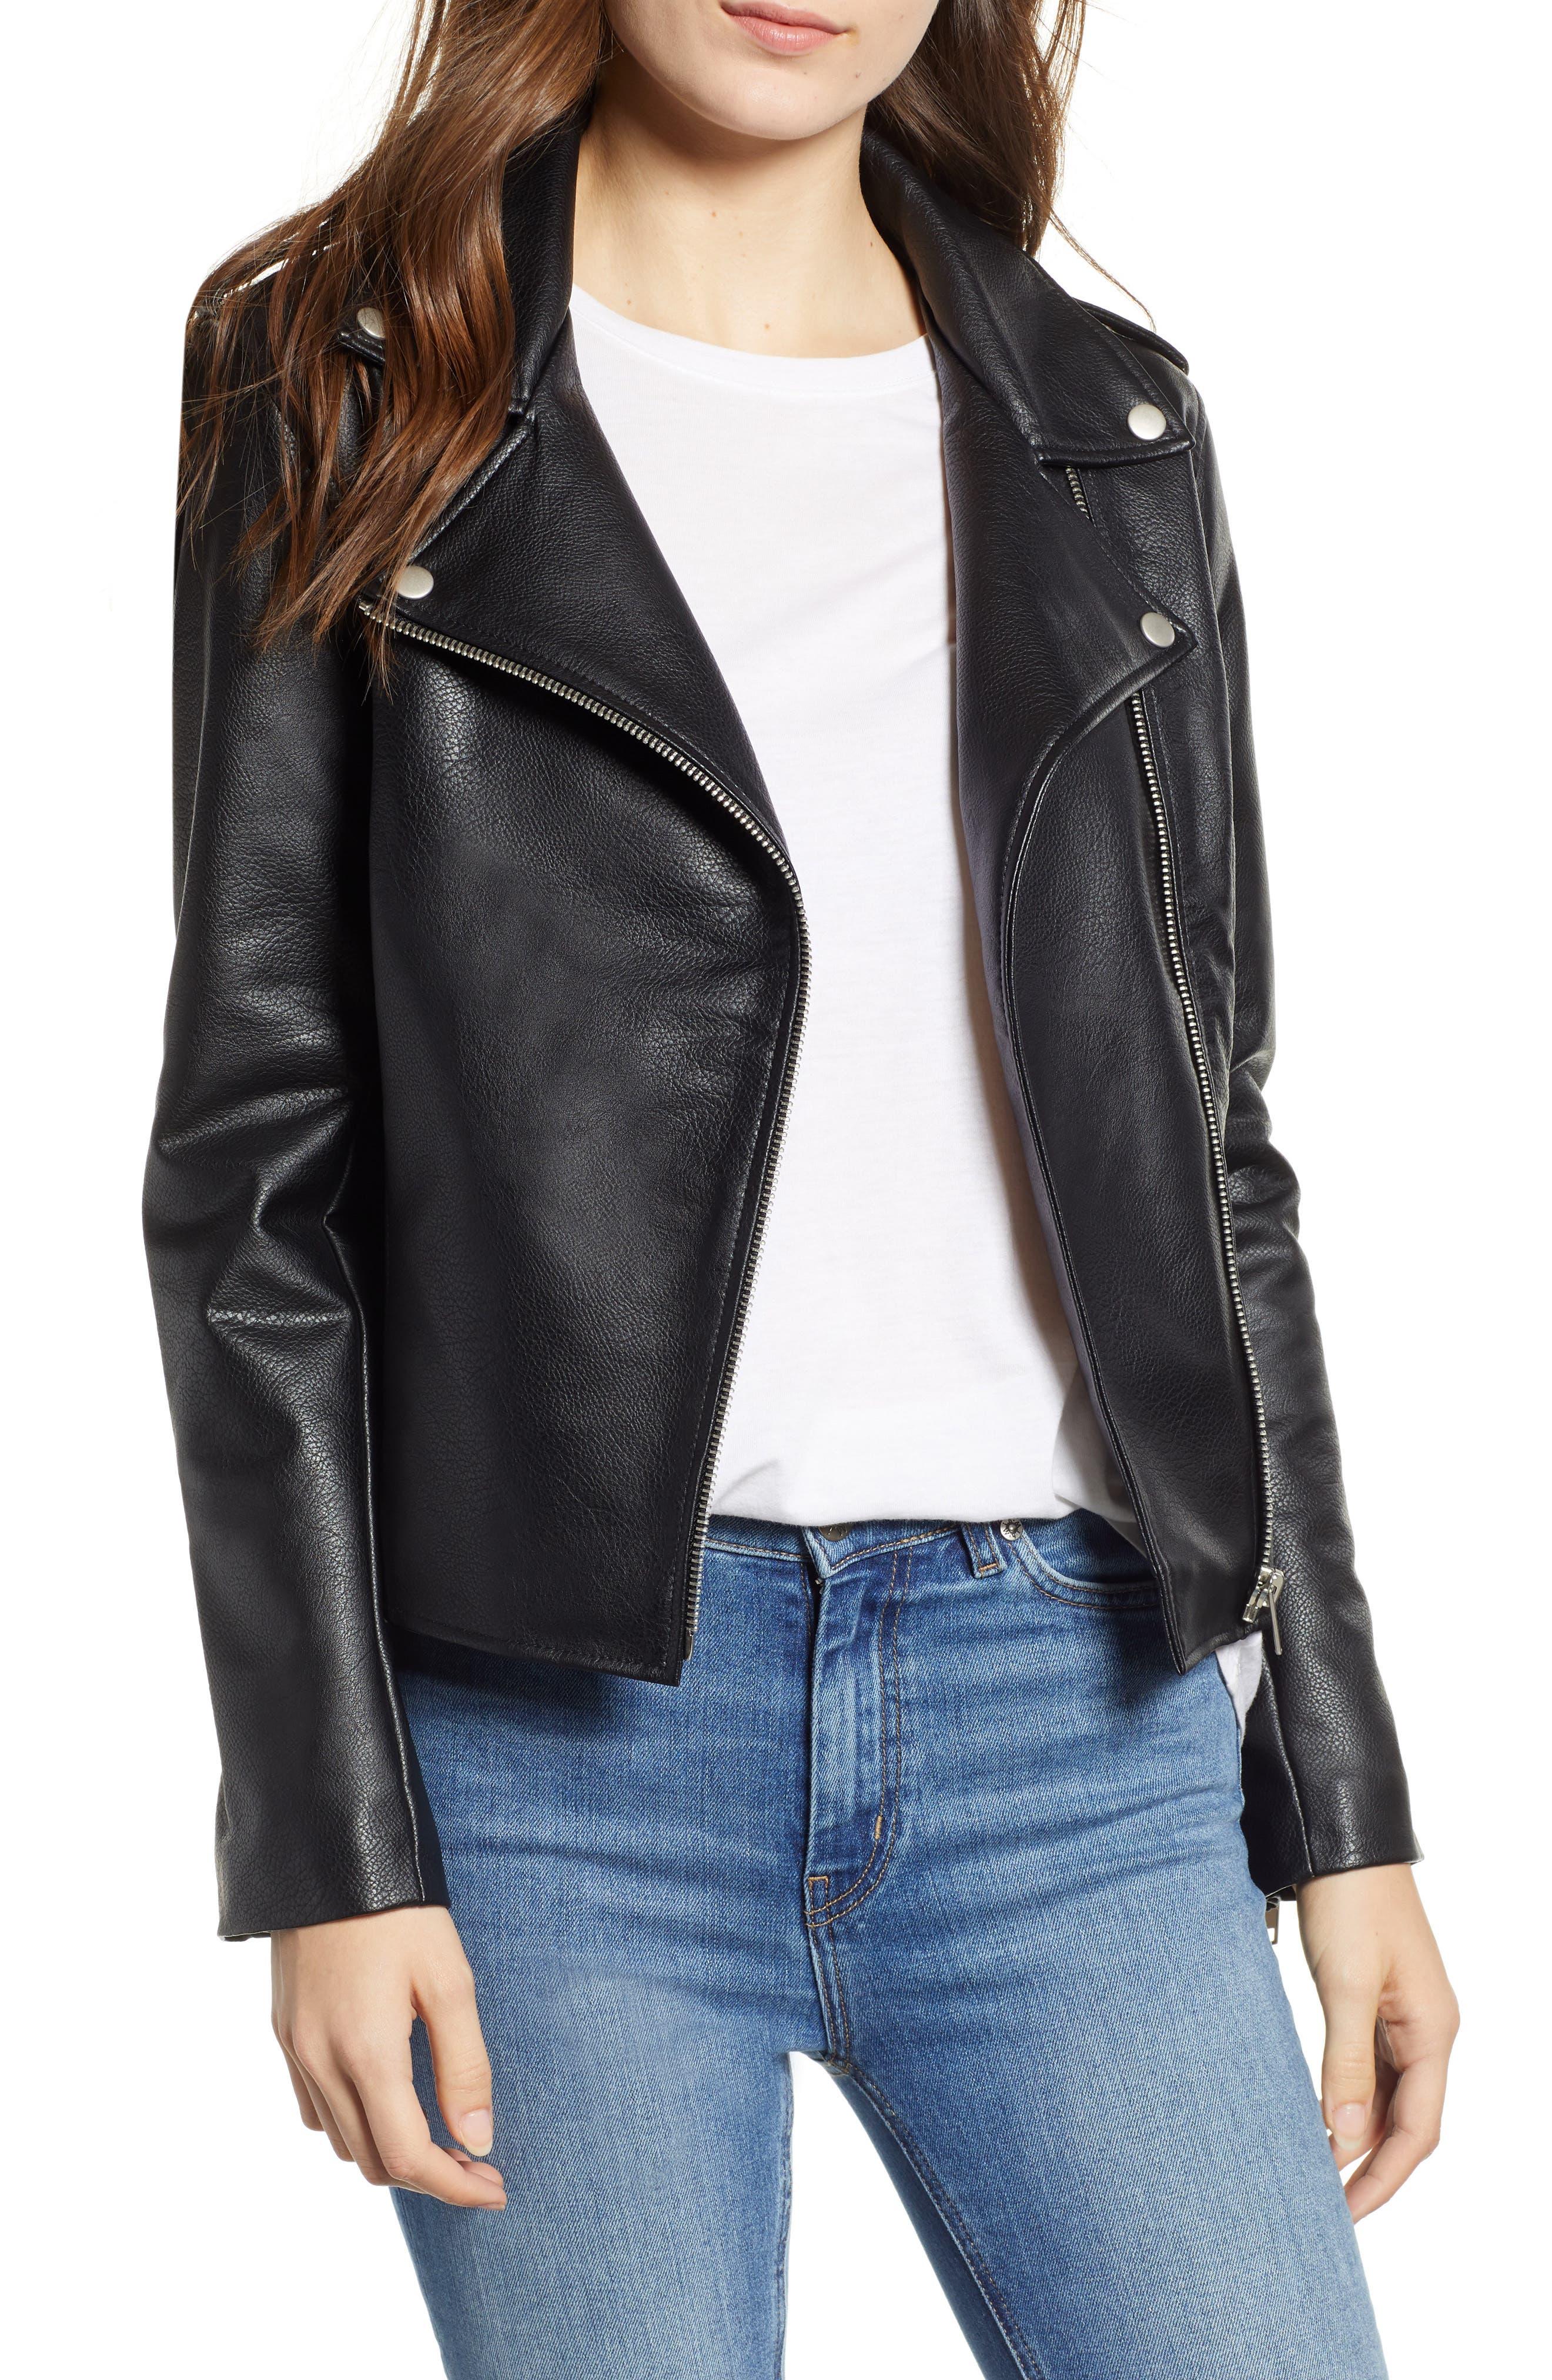 BB DAKOTA, Just Ride Faux Leather Jacket, Main thumbnail 1, color, BLACK